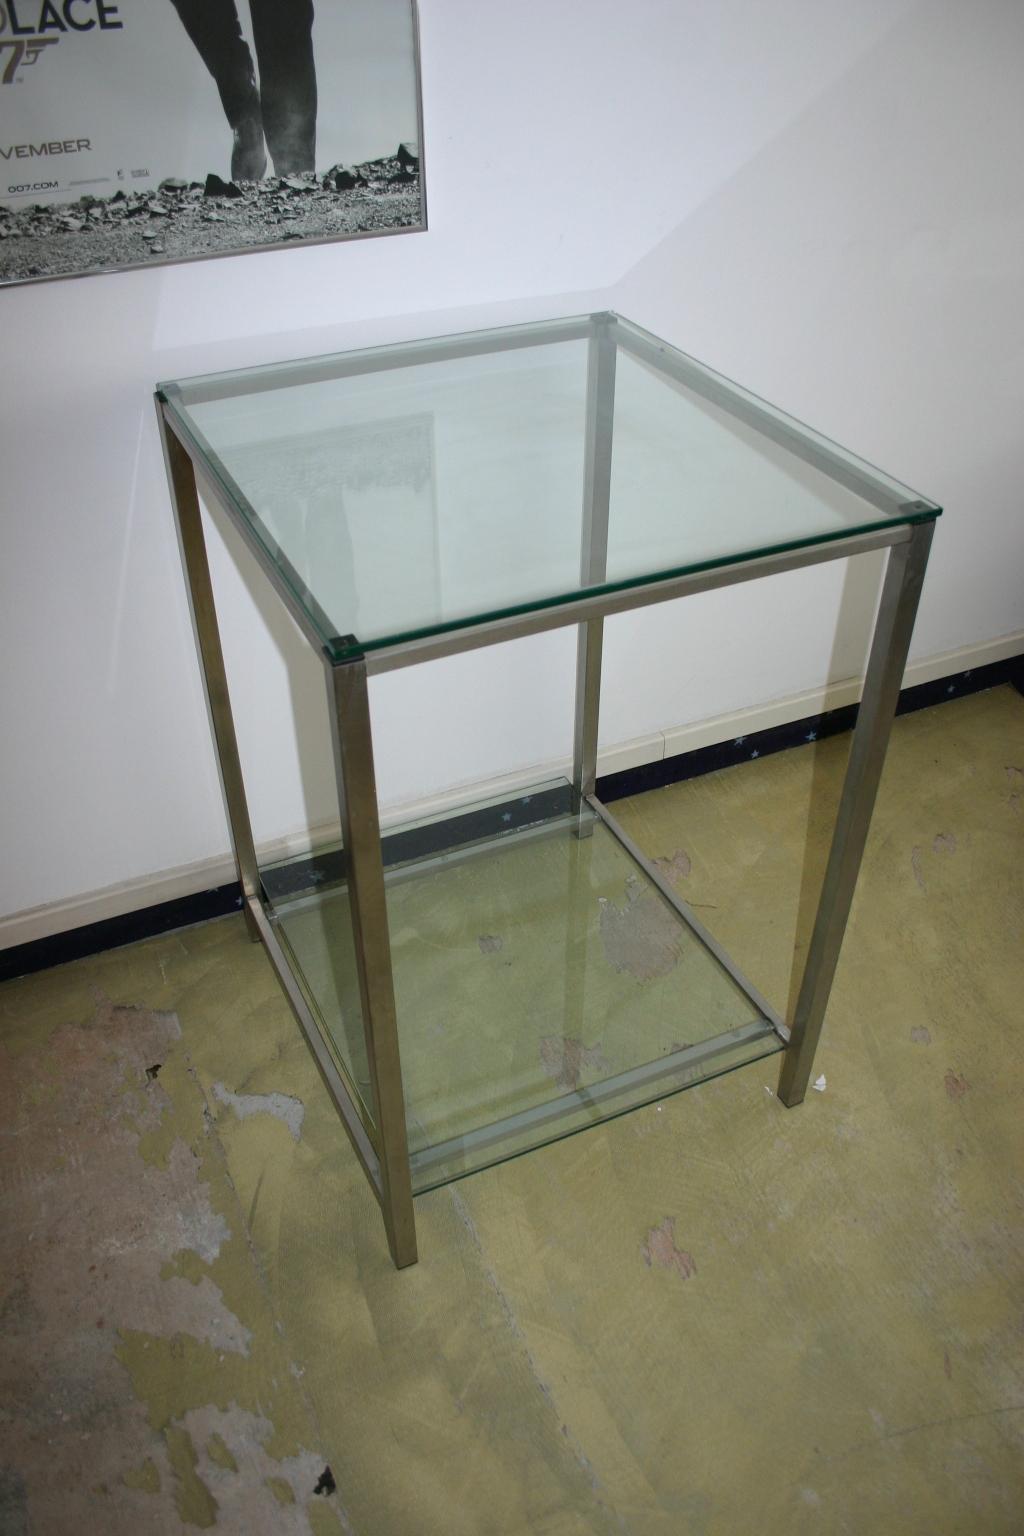 Beistelltisch aus glas und edelstahl for Beistelltisch glas edelstahl